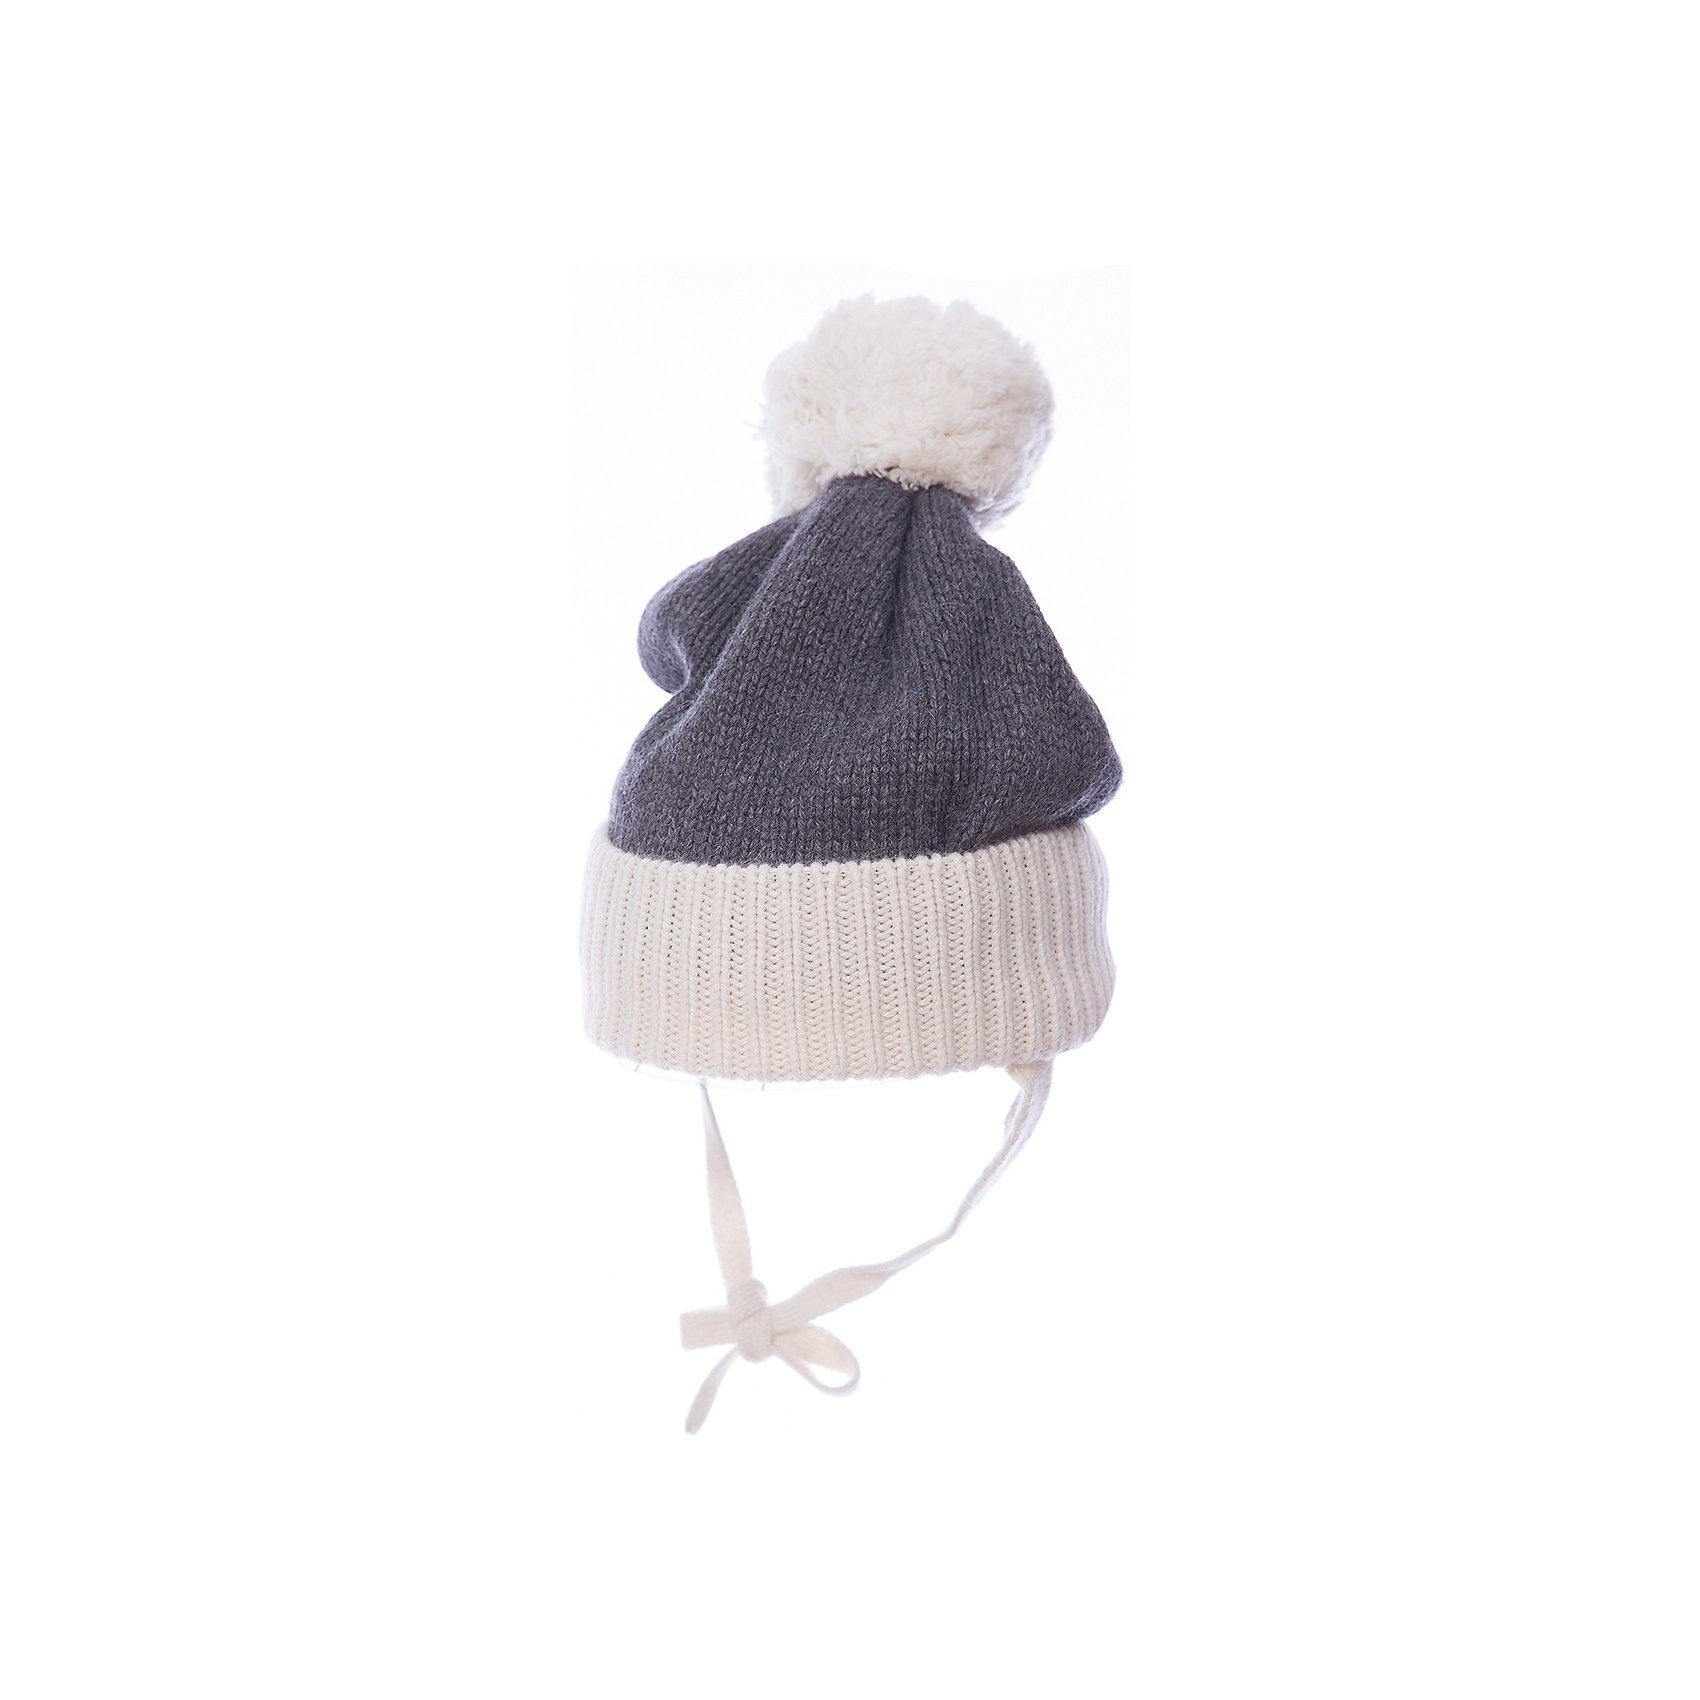 Шапка Gulliver для девочкиДемисезонные<br>Шапка Gulliver для девочки<br>Купить шапку для девочки не так-то просто. Ведь хочется не только защитить ребенка от холода, но и красиво дополнить зимний образ ребенка. Шикарная шапка с помпоном - прекрасный вариант! Она завершит любой зимний комплект, придав ему яркие индивидуальные черты. Отличный состав и качество пряжи, мягкая флисовая подкладка исключают колкость изделия, гарантируя уют и комфорт.<br>Состав:<br>верх:                          40% вискоза     20% шерсть     20% нейлон     20% ангора;               подкладка:           100% полиэстер<br><br>Ширина мм: 89<br>Глубина мм: 117<br>Высота мм: 44<br>Вес г: 155<br>Цвет: серый<br>Возраст от месяцев: 48<br>Возраст до месяцев: 60<br>Пол: Женский<br>Возраст: Детский<br>Размер: 52,50<br>SKU: 7078569